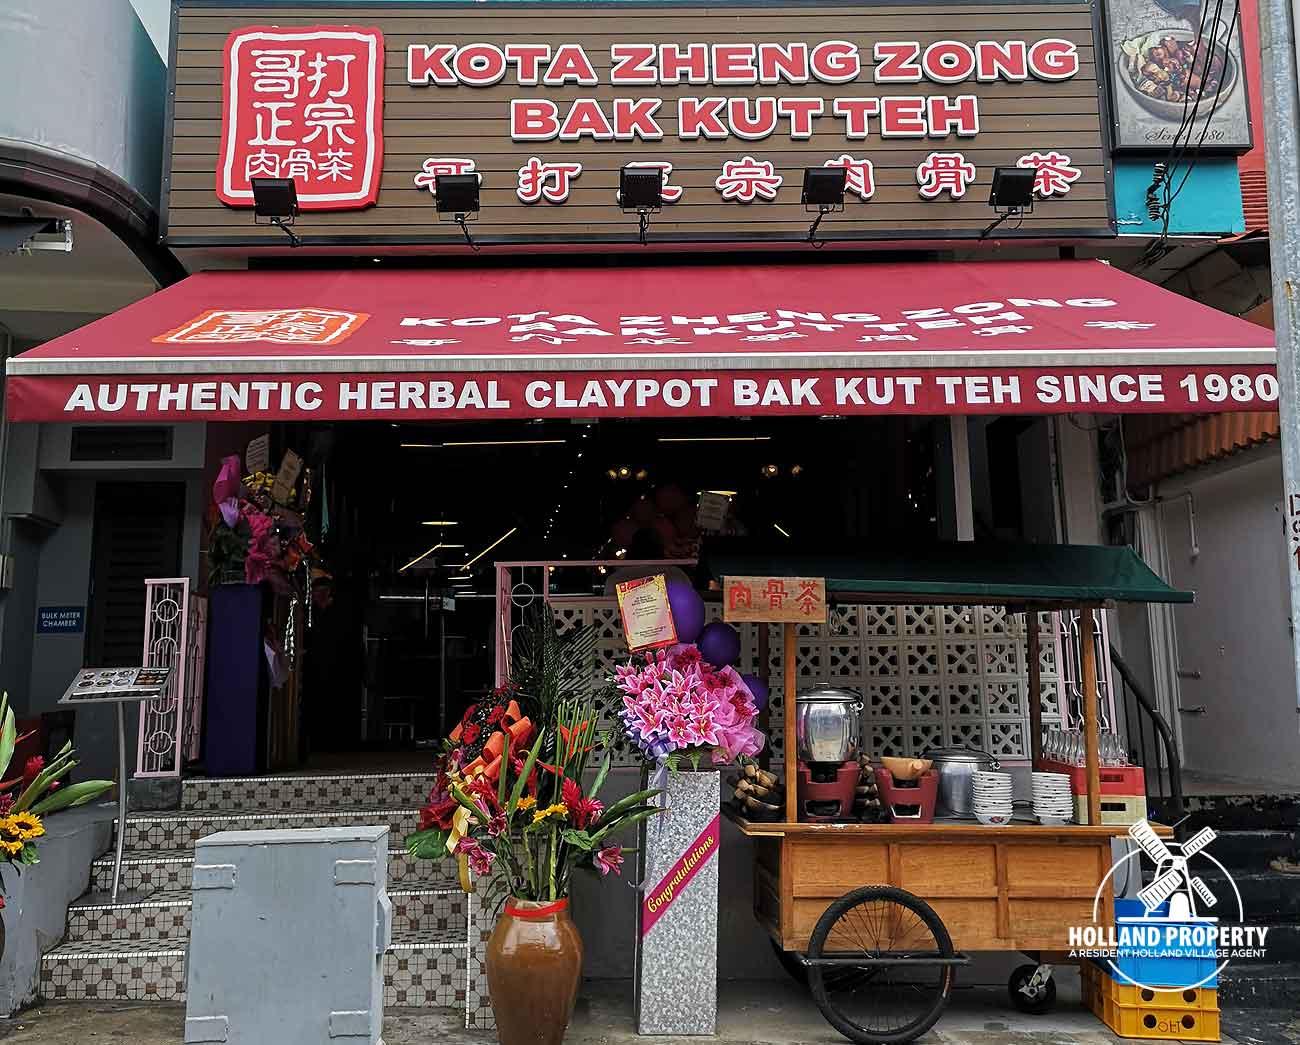 kota zheng zong bak kut teh